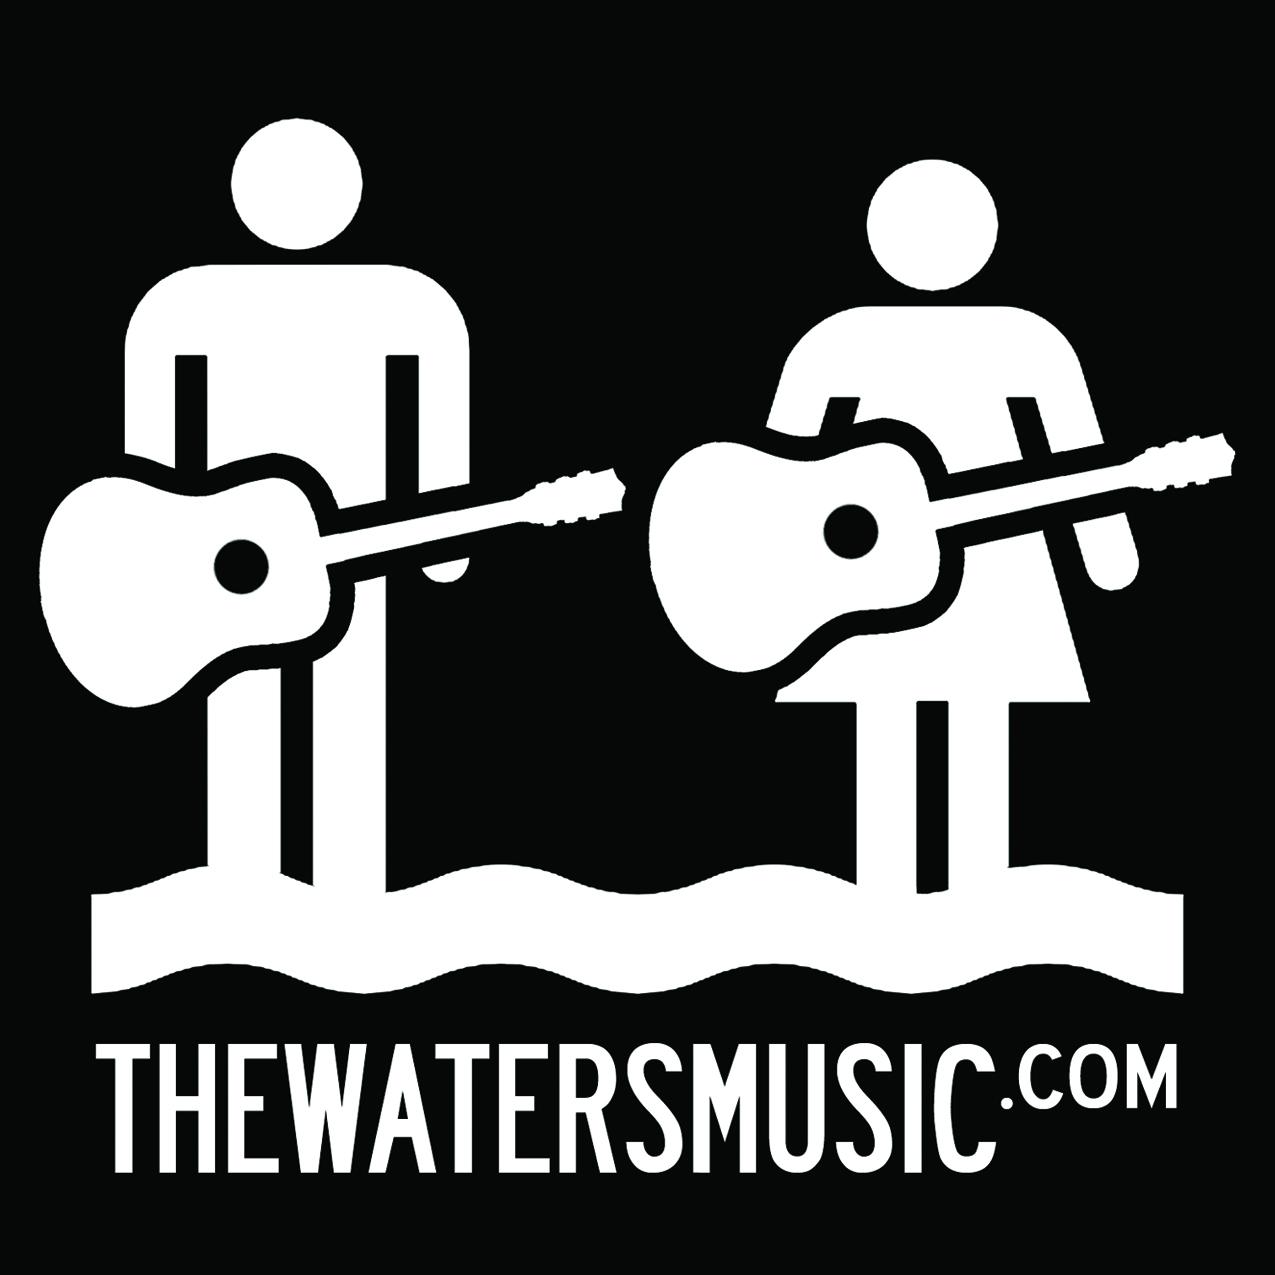 thewatersmusicsticker.jpg